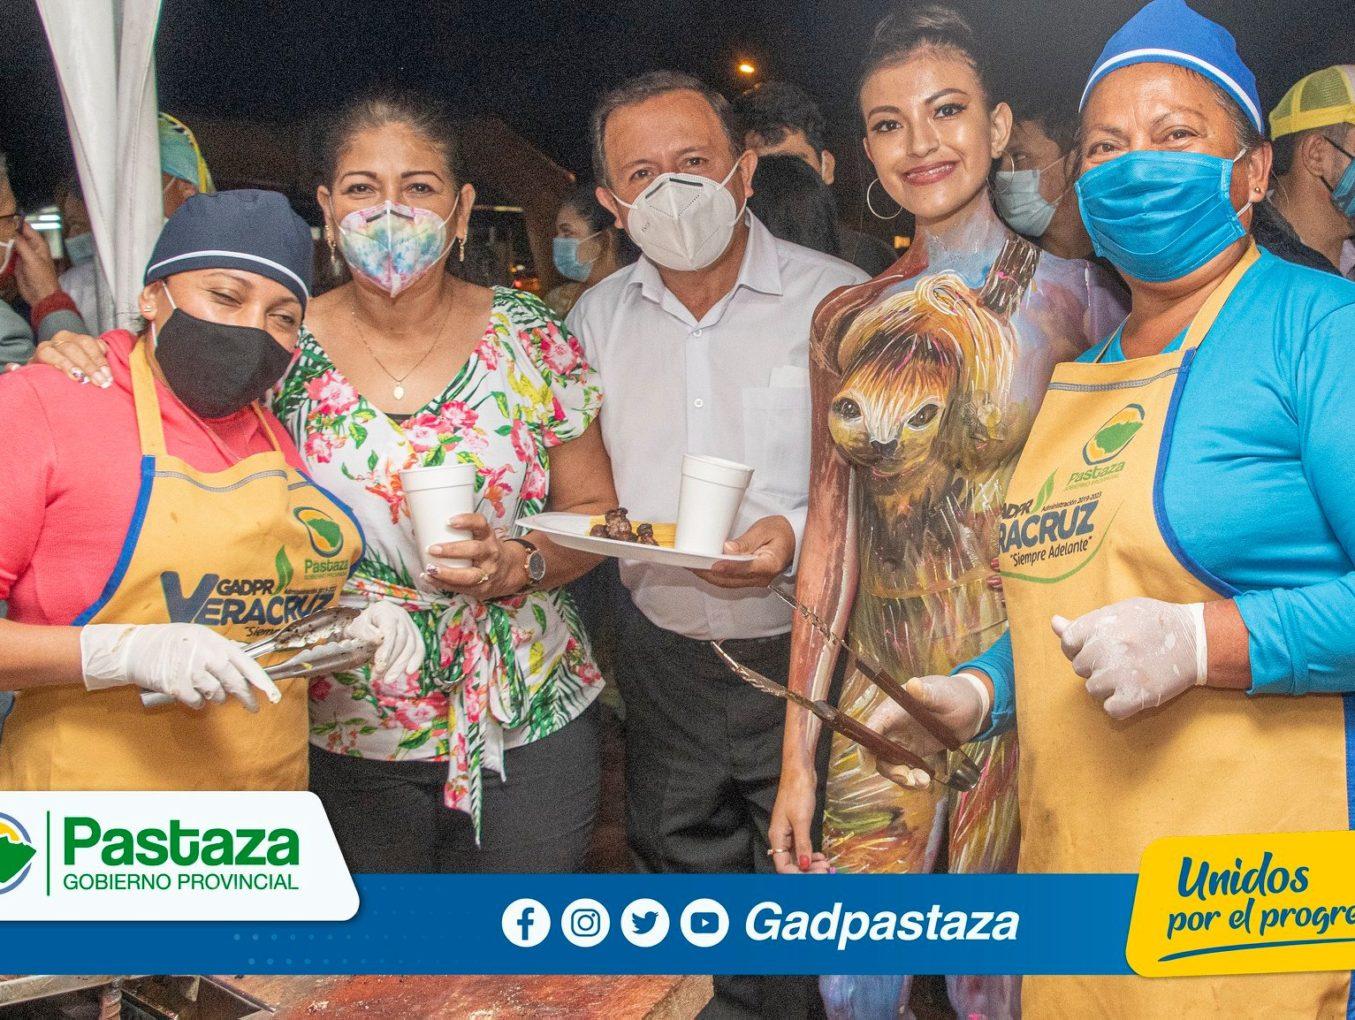 Prefectura de Pastaza apoya a Veracruz en la reactivación económica!